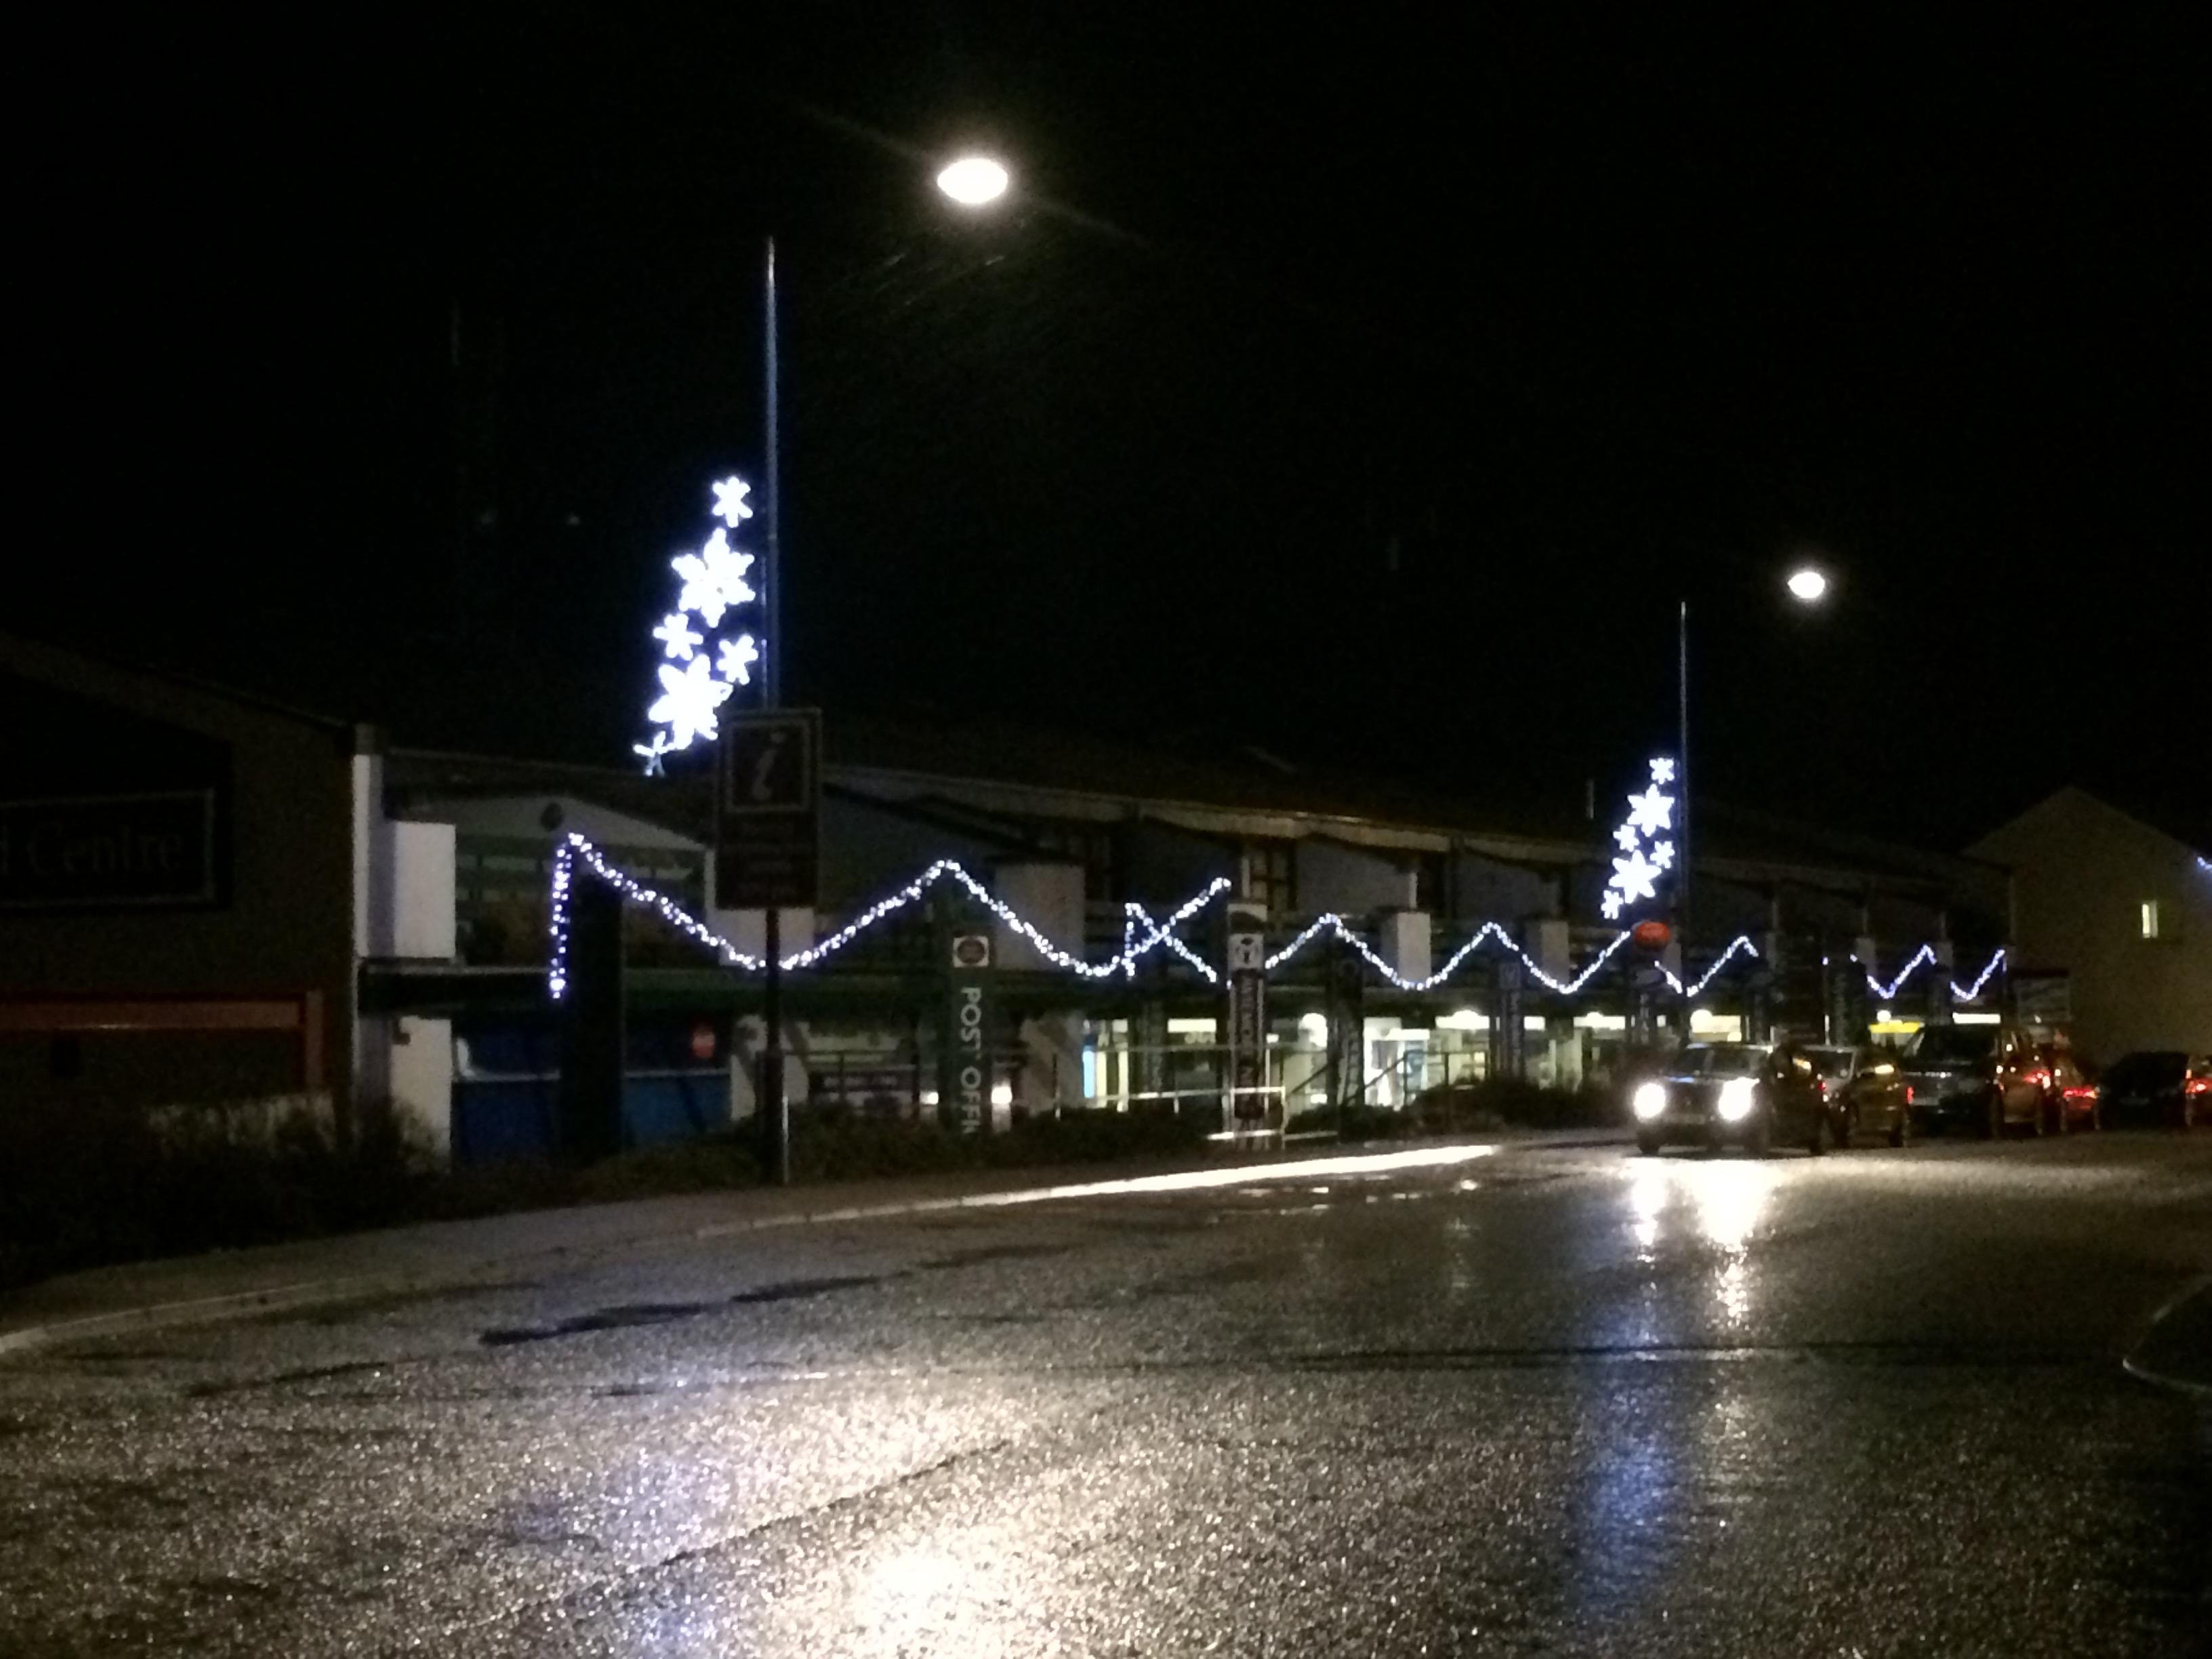 It's still Christmas in Aviemore